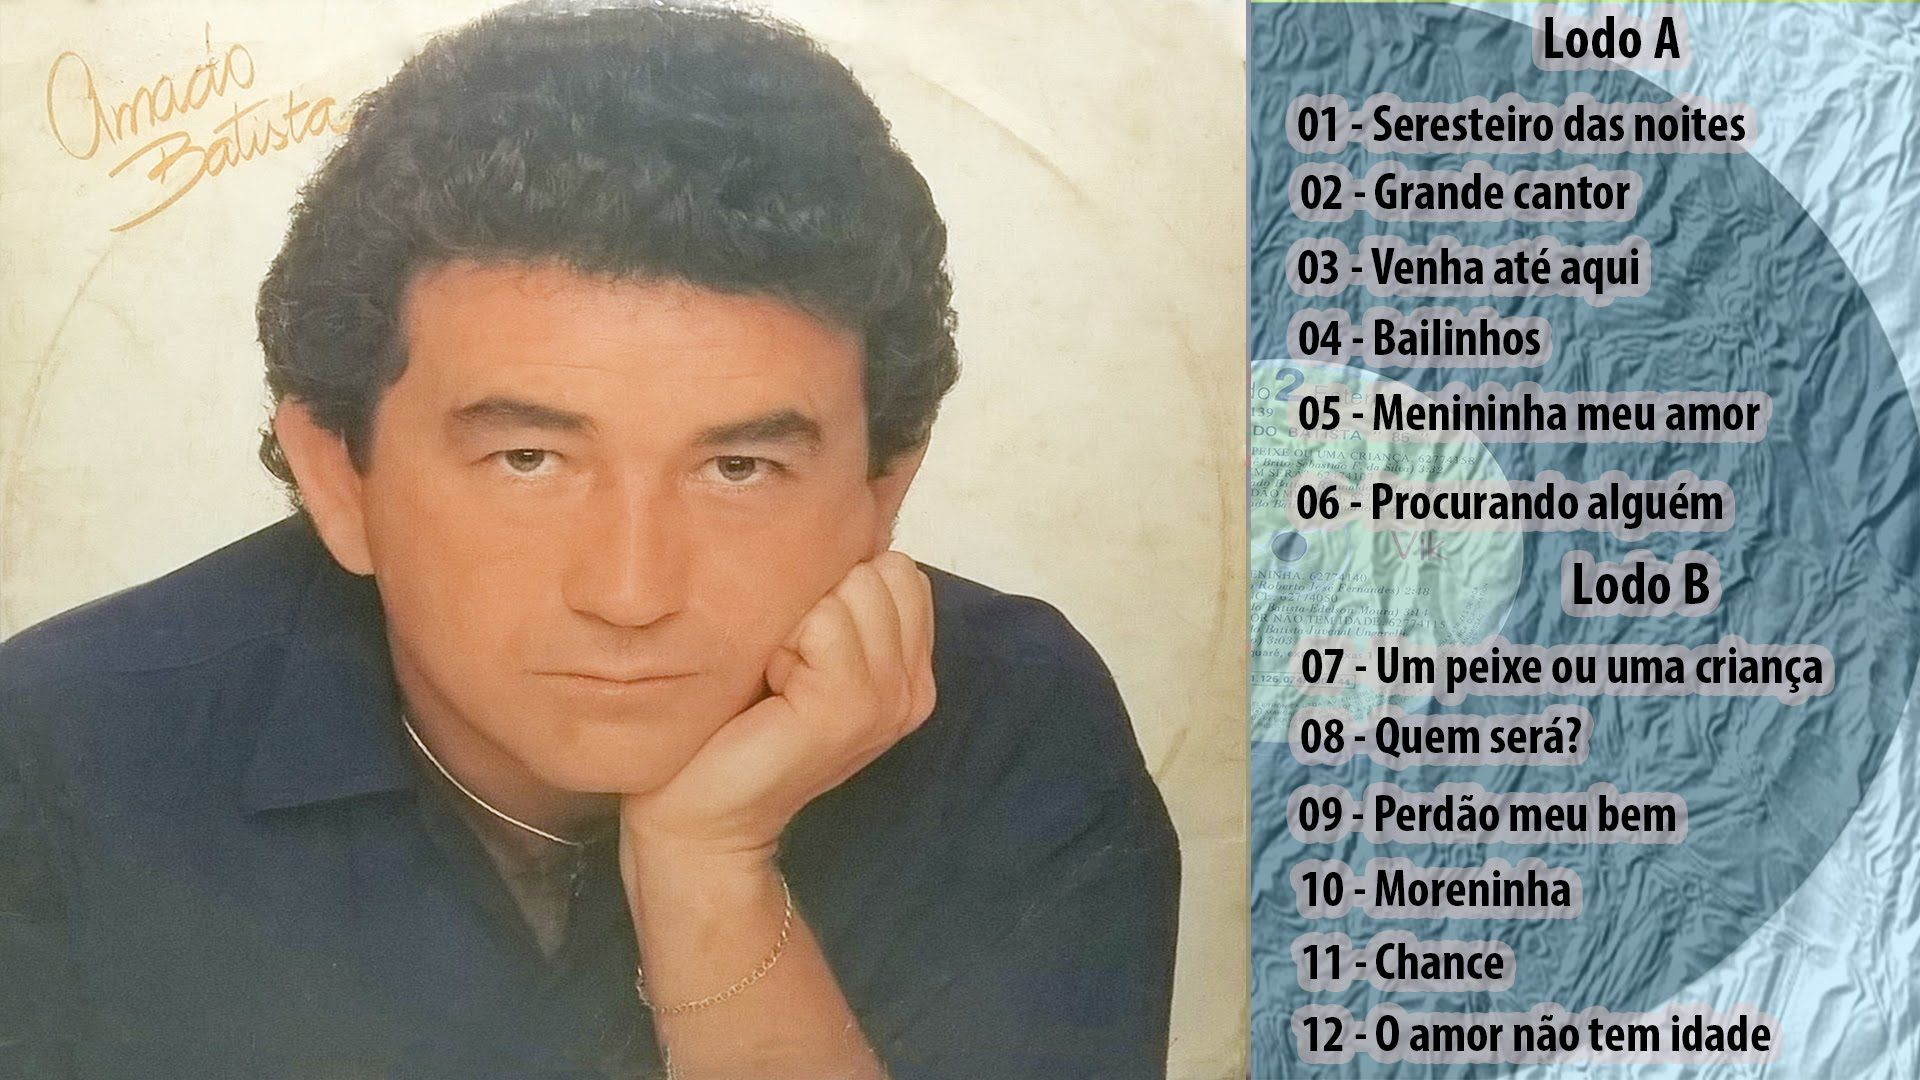 Amado Batista Seresteiro Das Noites 1985 Lp Completo